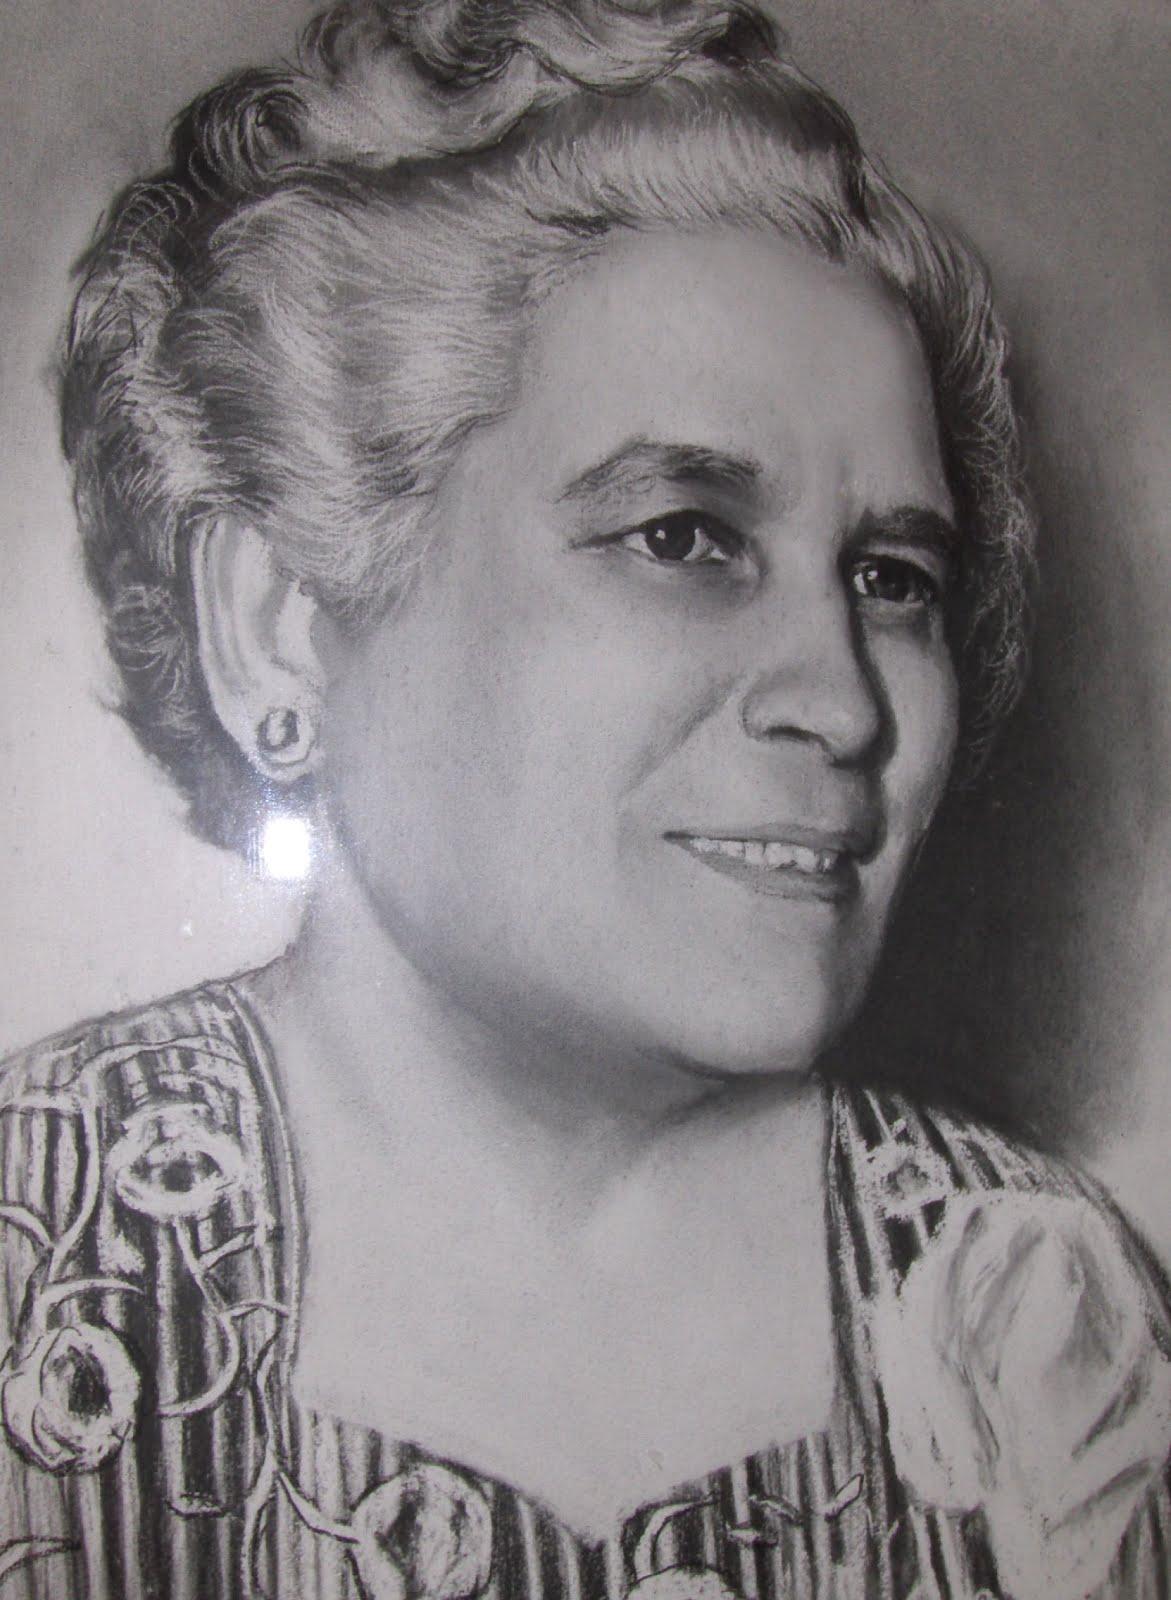 Virginia Vázquez Mendoza